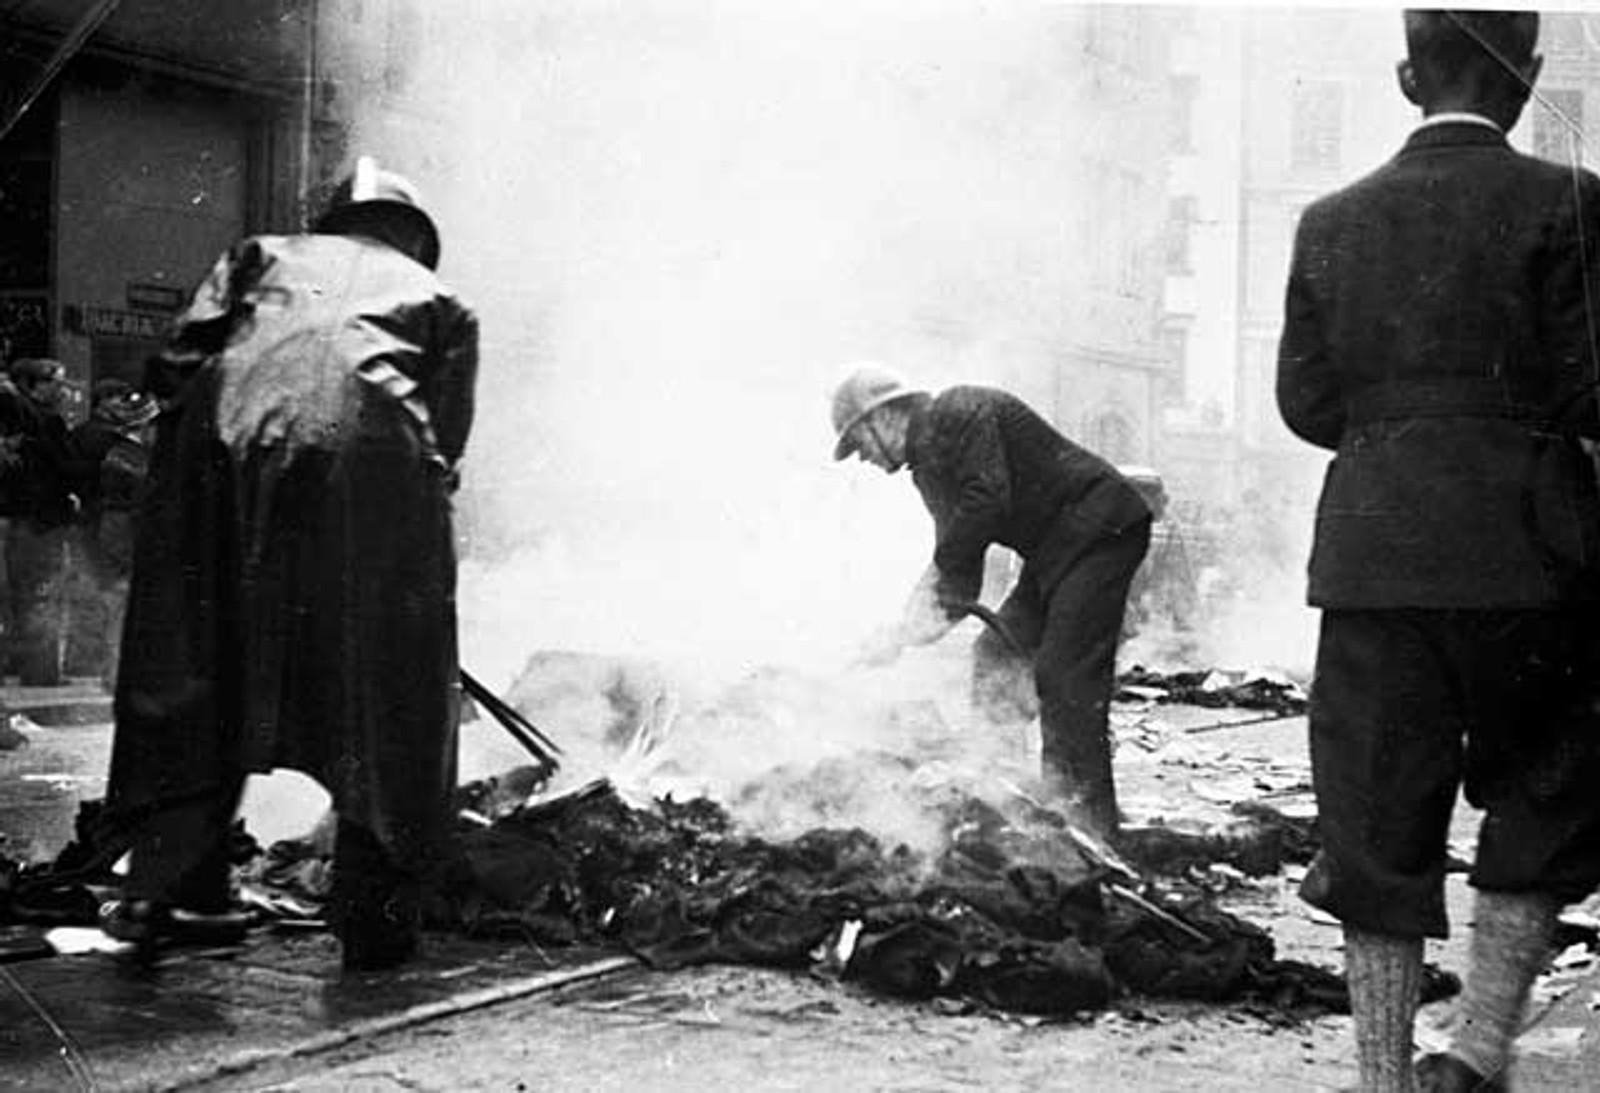 NAZIBRENNING: Dokumenter fra tyskerne blir brent i Christian Michelsens gate av henvlystne bergensere i 1945.